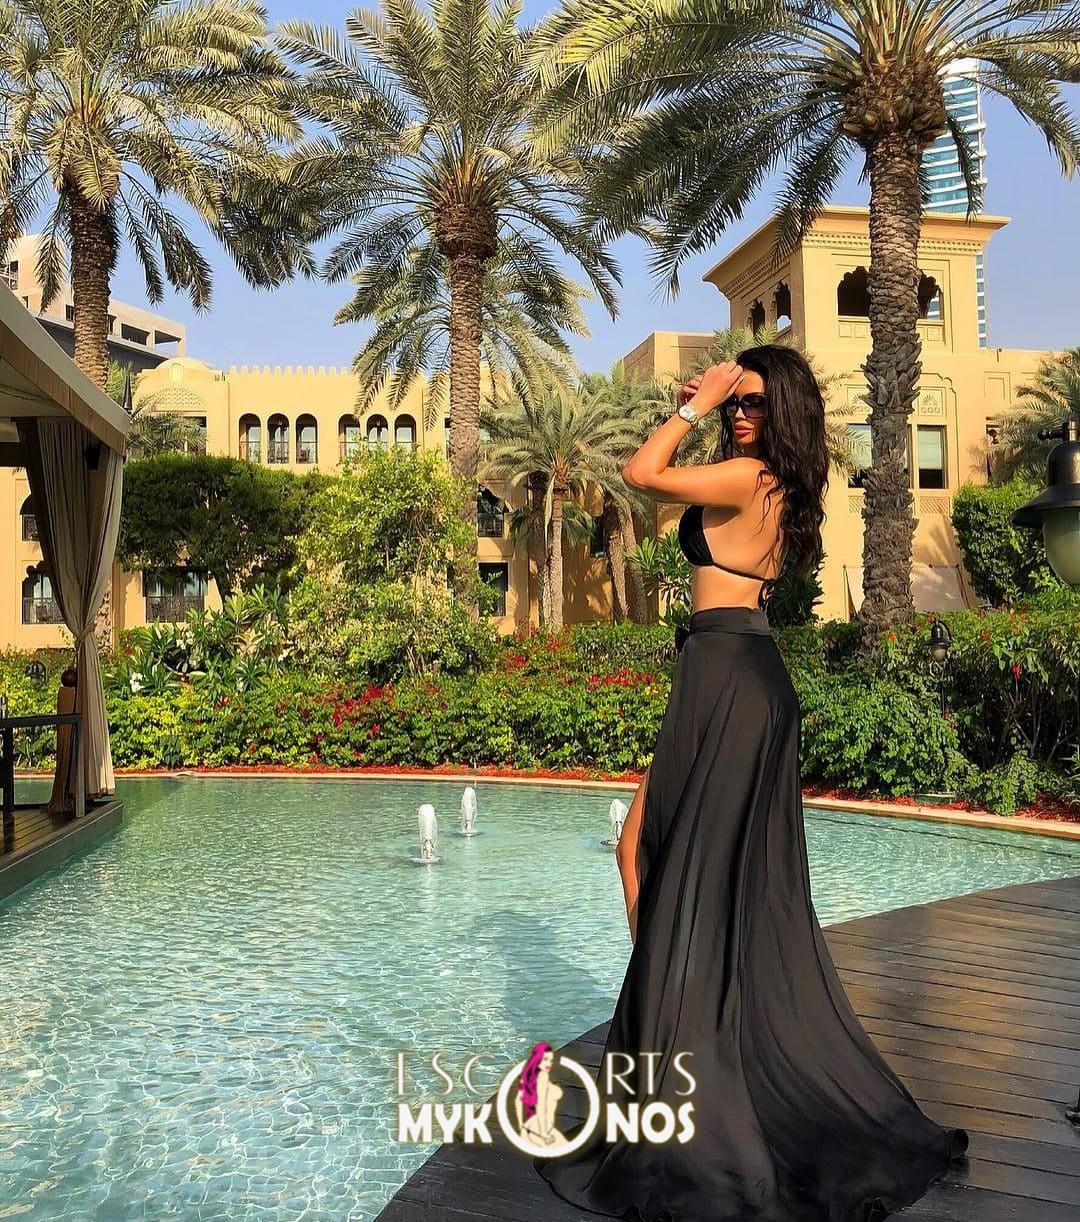 Jen International Models Mykonos